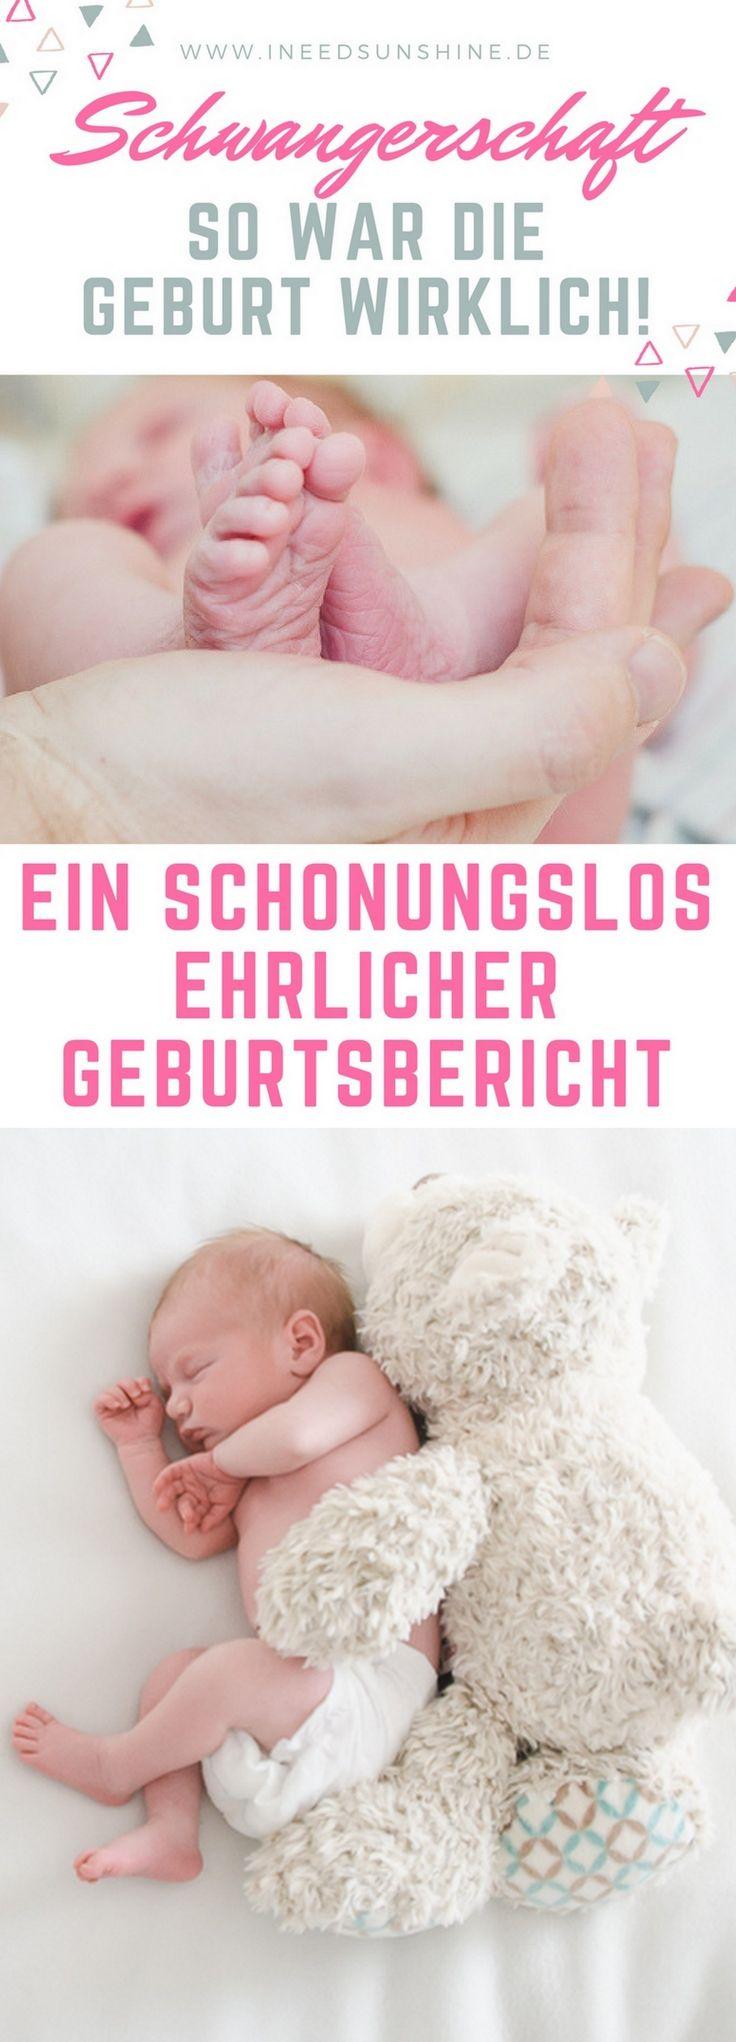 Schwangerschaft und Geburt: Ein Baby kommt und als Schwangere sucht man nach Tipps und Erfahrungen. Wie verläuft die Geburt? Brauche ich eine PDA? Mein schonungslos ehrlicher Geburtsbericht!